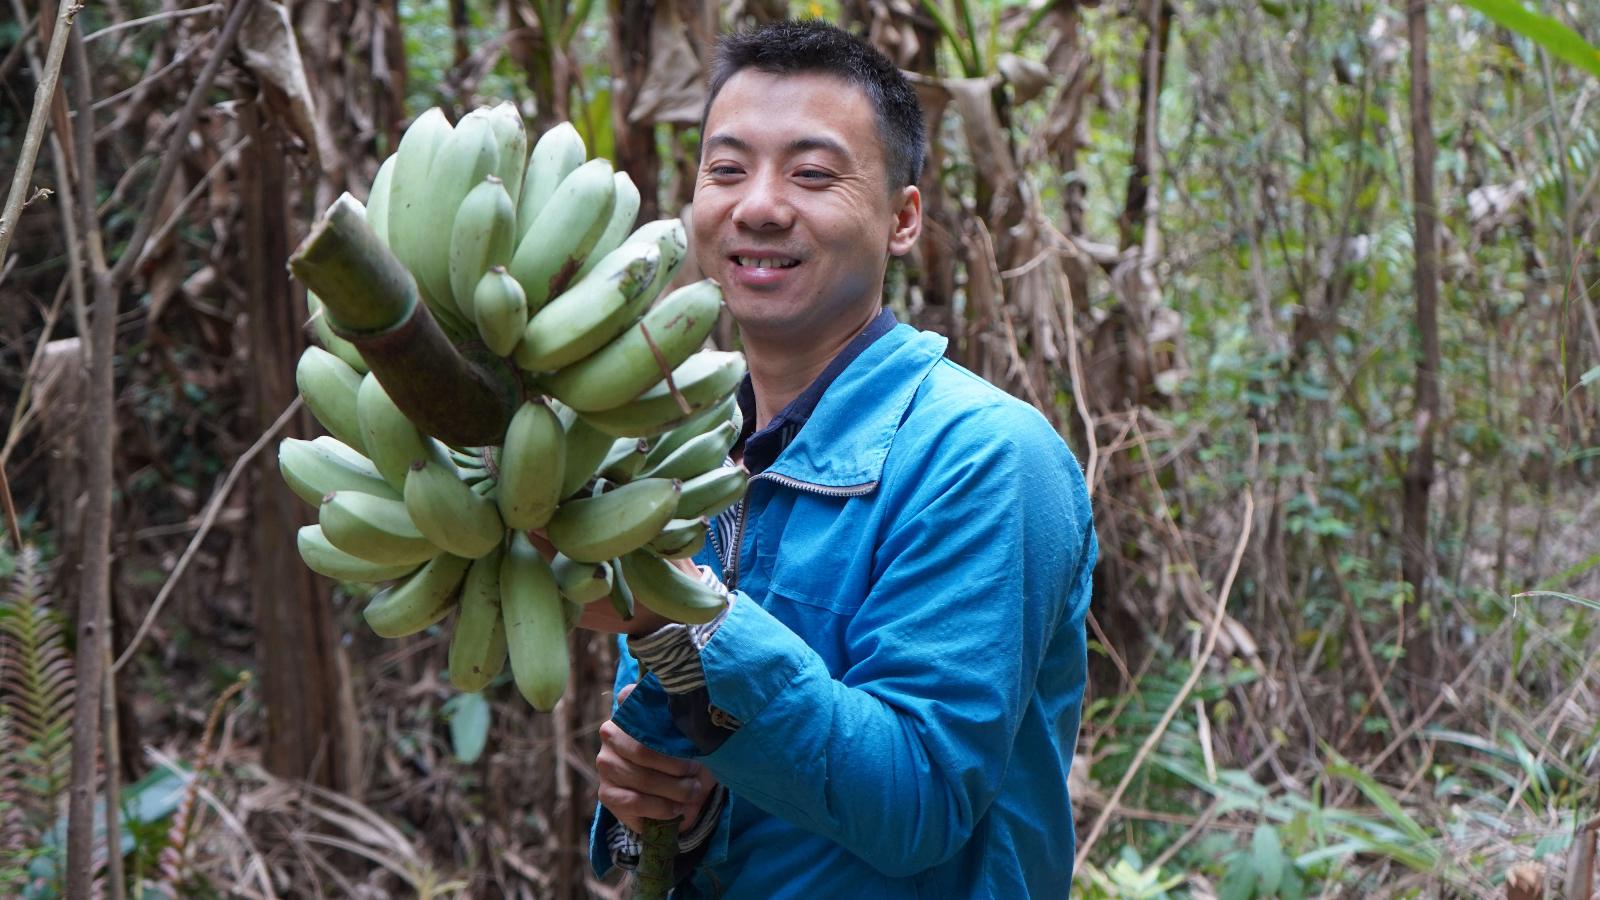 华农兄弟:野果没摘到,那就砍一把芭蕉,挖一个竹笋回去